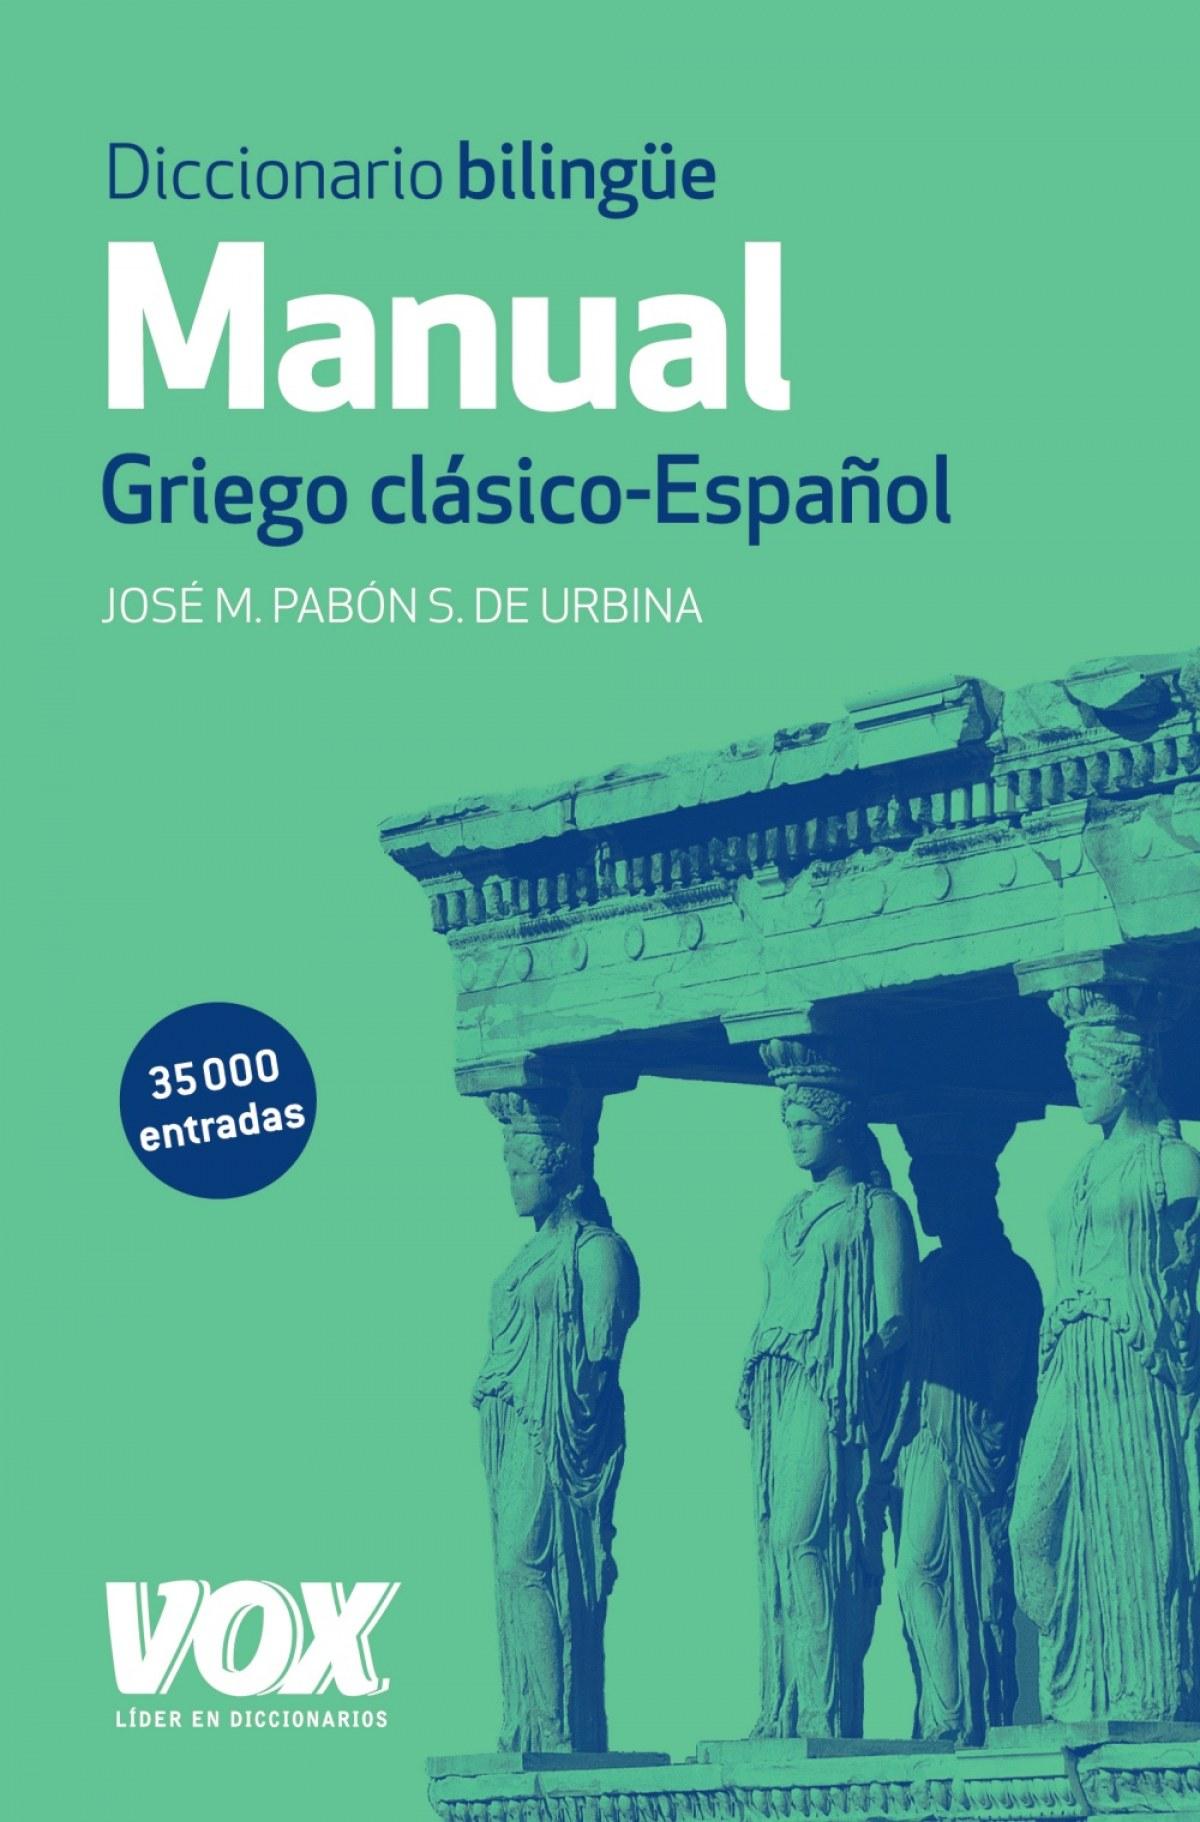 Diccionario manual griego clásico-Español 9788499741482